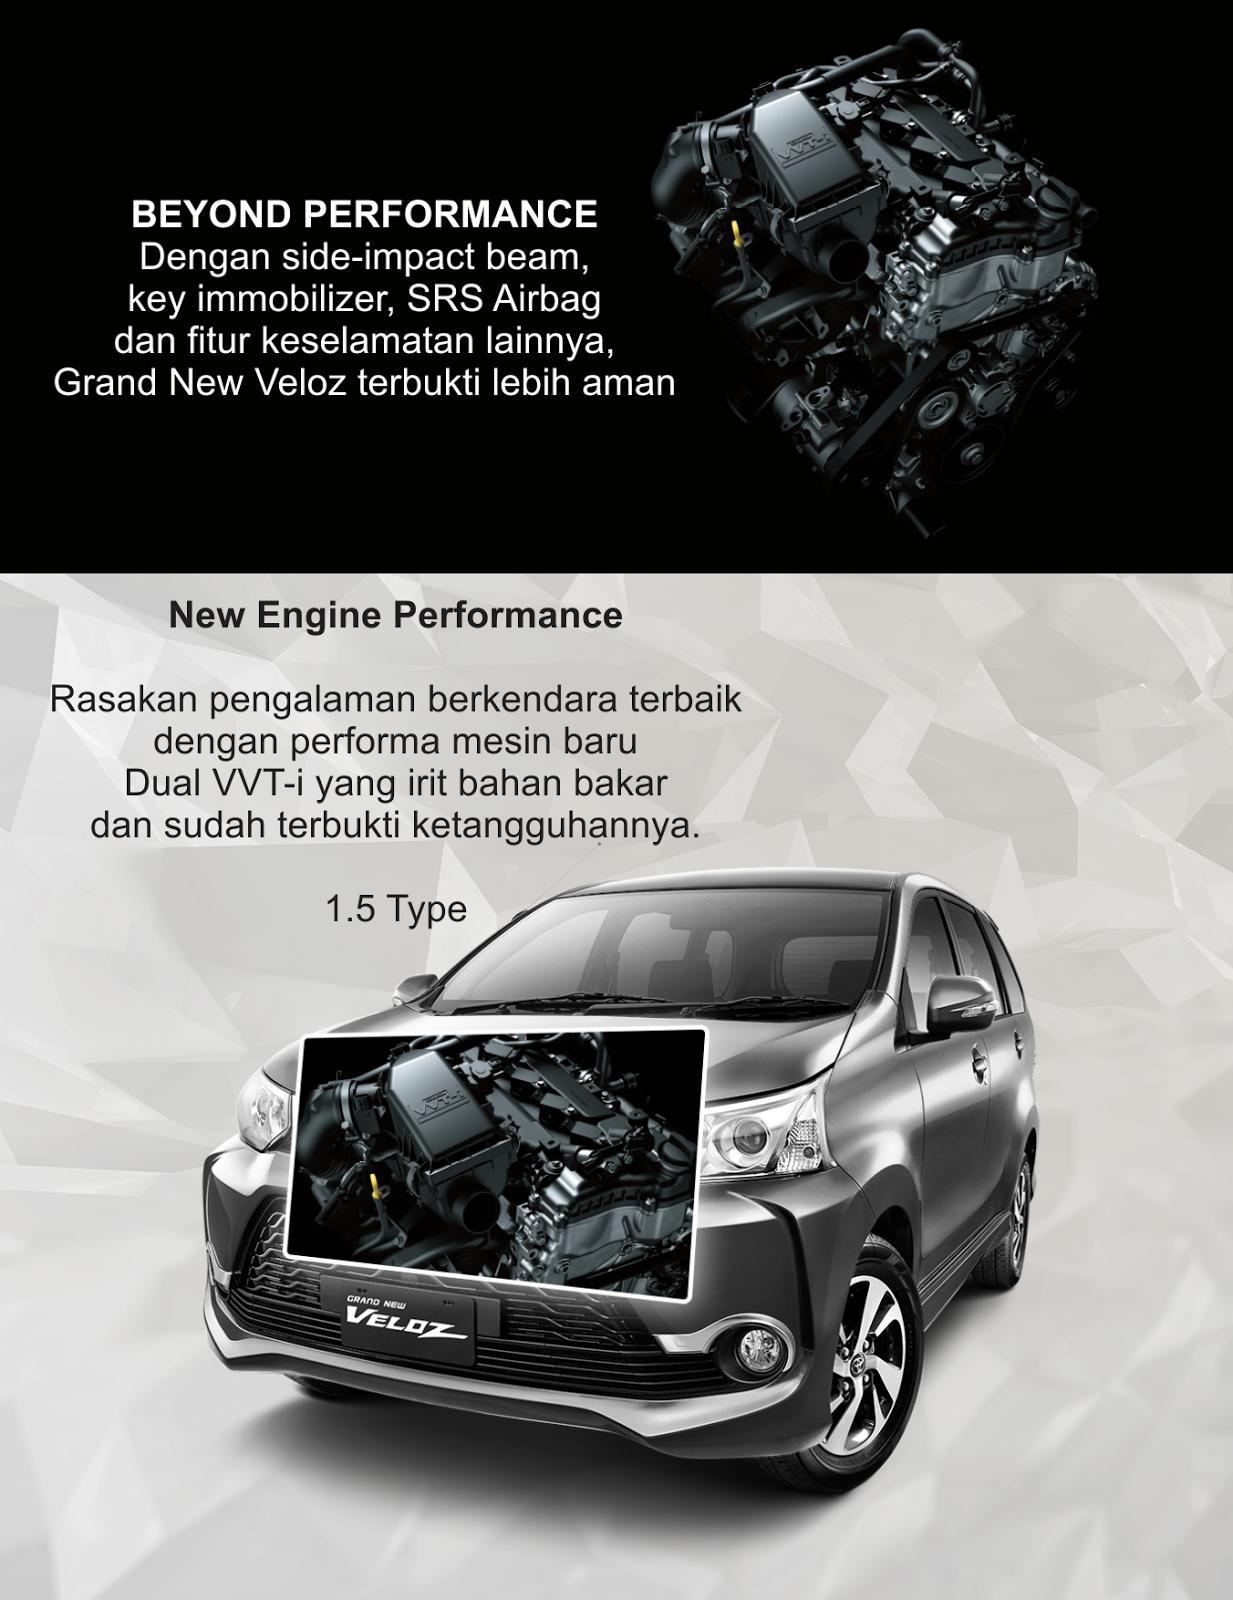 Performa-mobil-grand-new-veloz